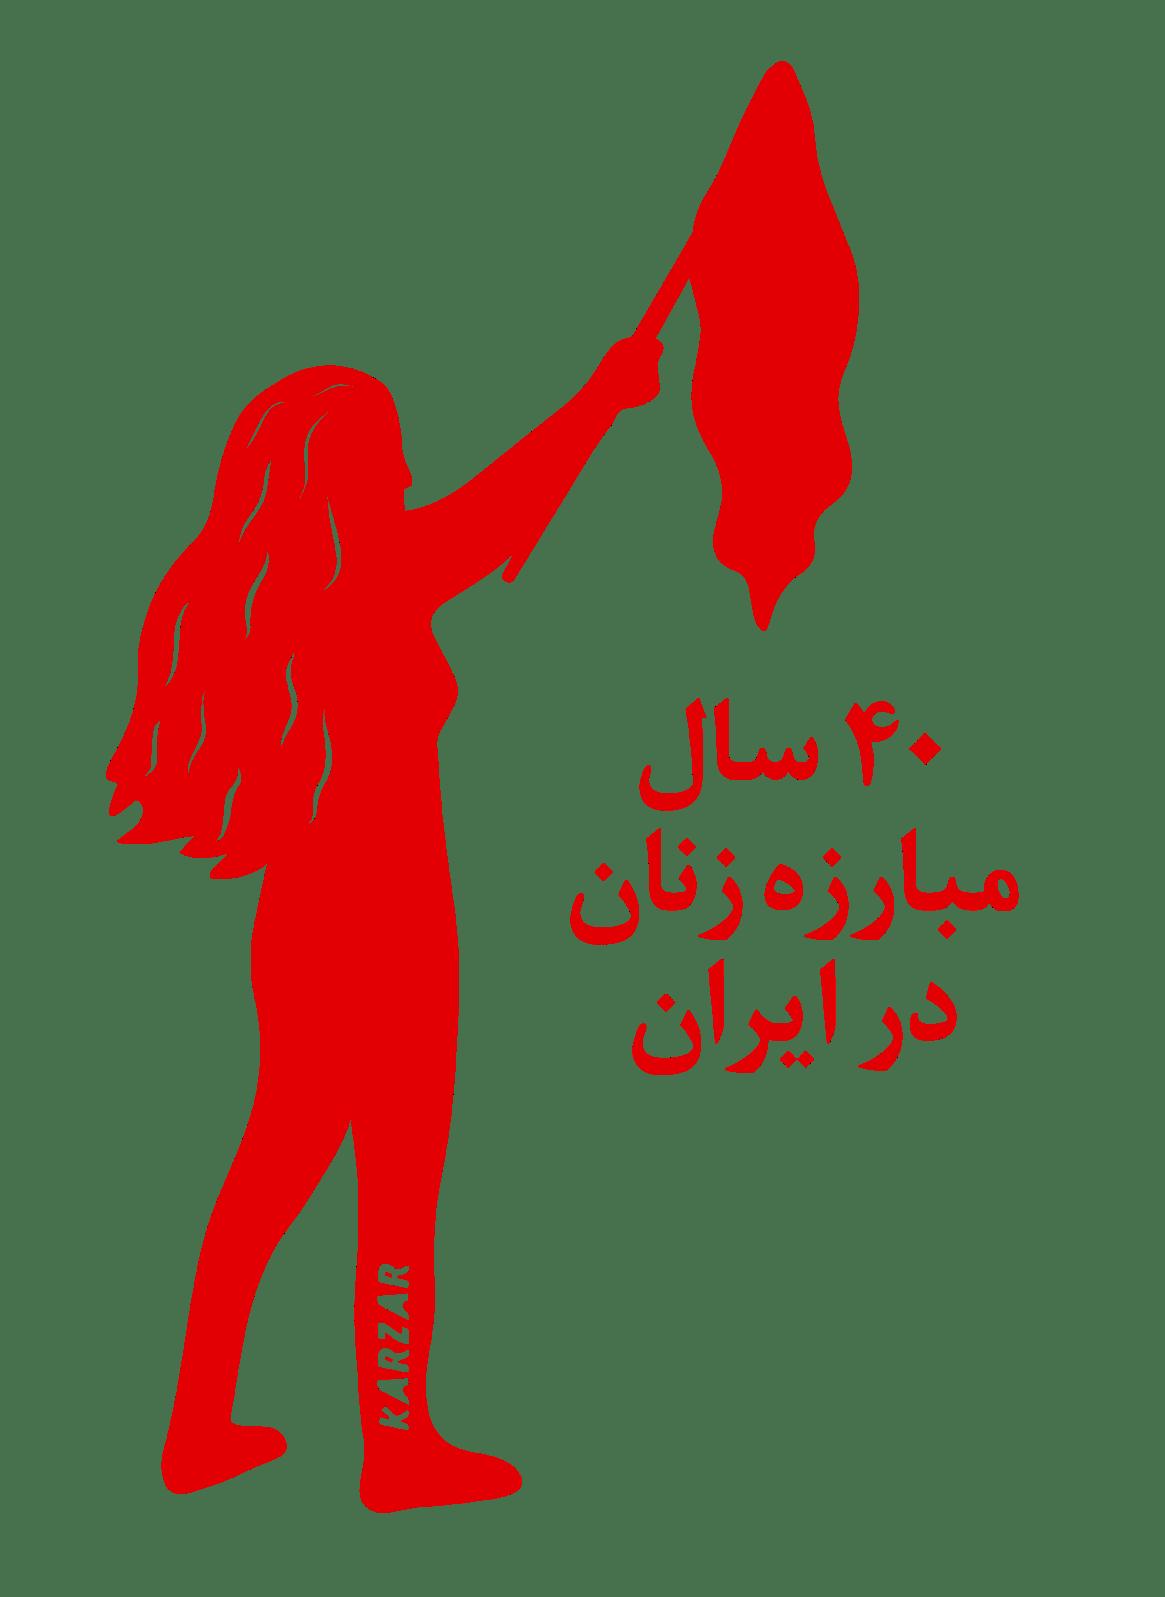 Logo kaarzaar farsi